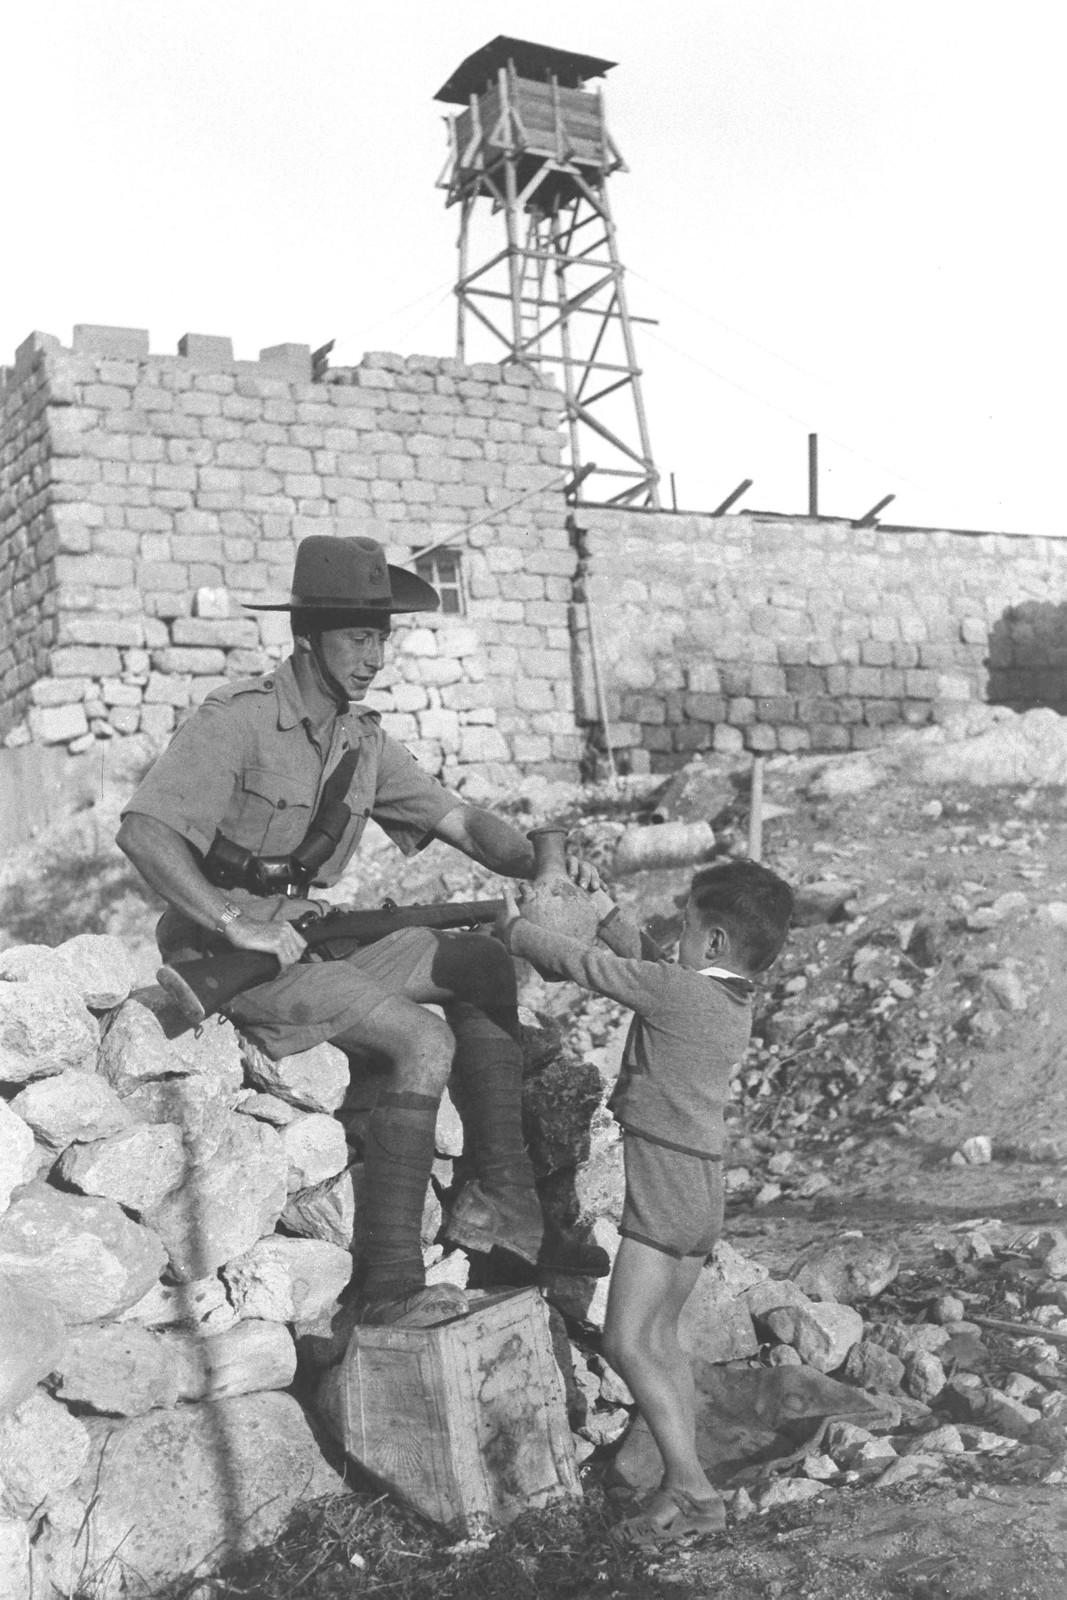 05. 1939. Сын поселенца приносит кувшин с водой члену еврейской поселенческой полиции в кибуце Бейт-Орен на горе Кармель. 24 октября